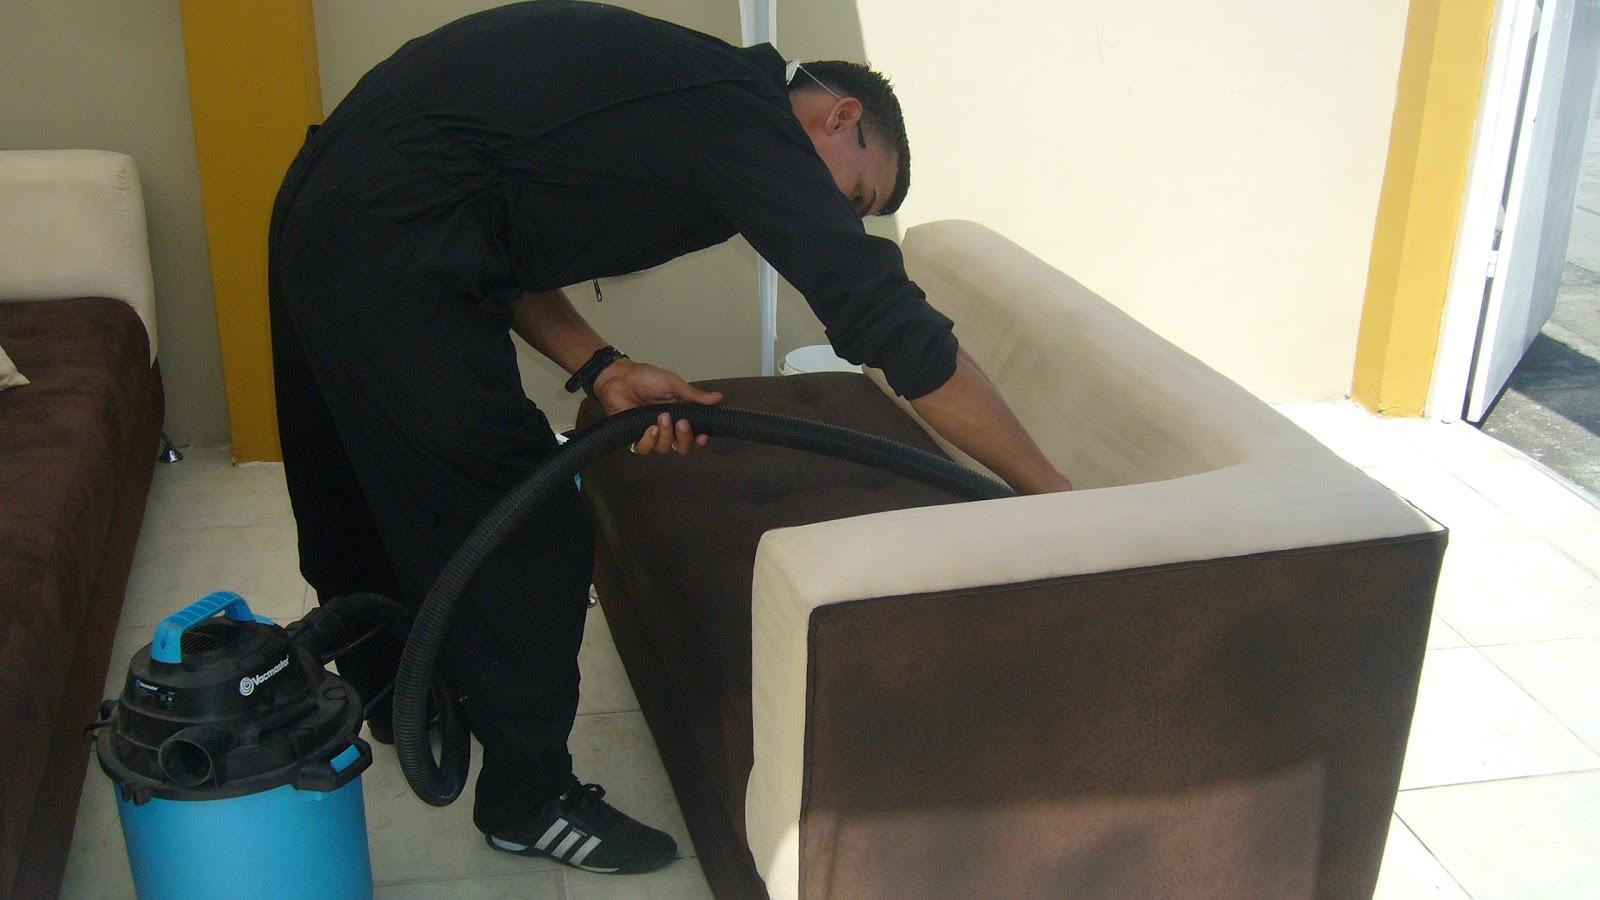 Lavado de muebles a domicilio genkiclean 0989280055 - Limpieza de alfombras en casa ...